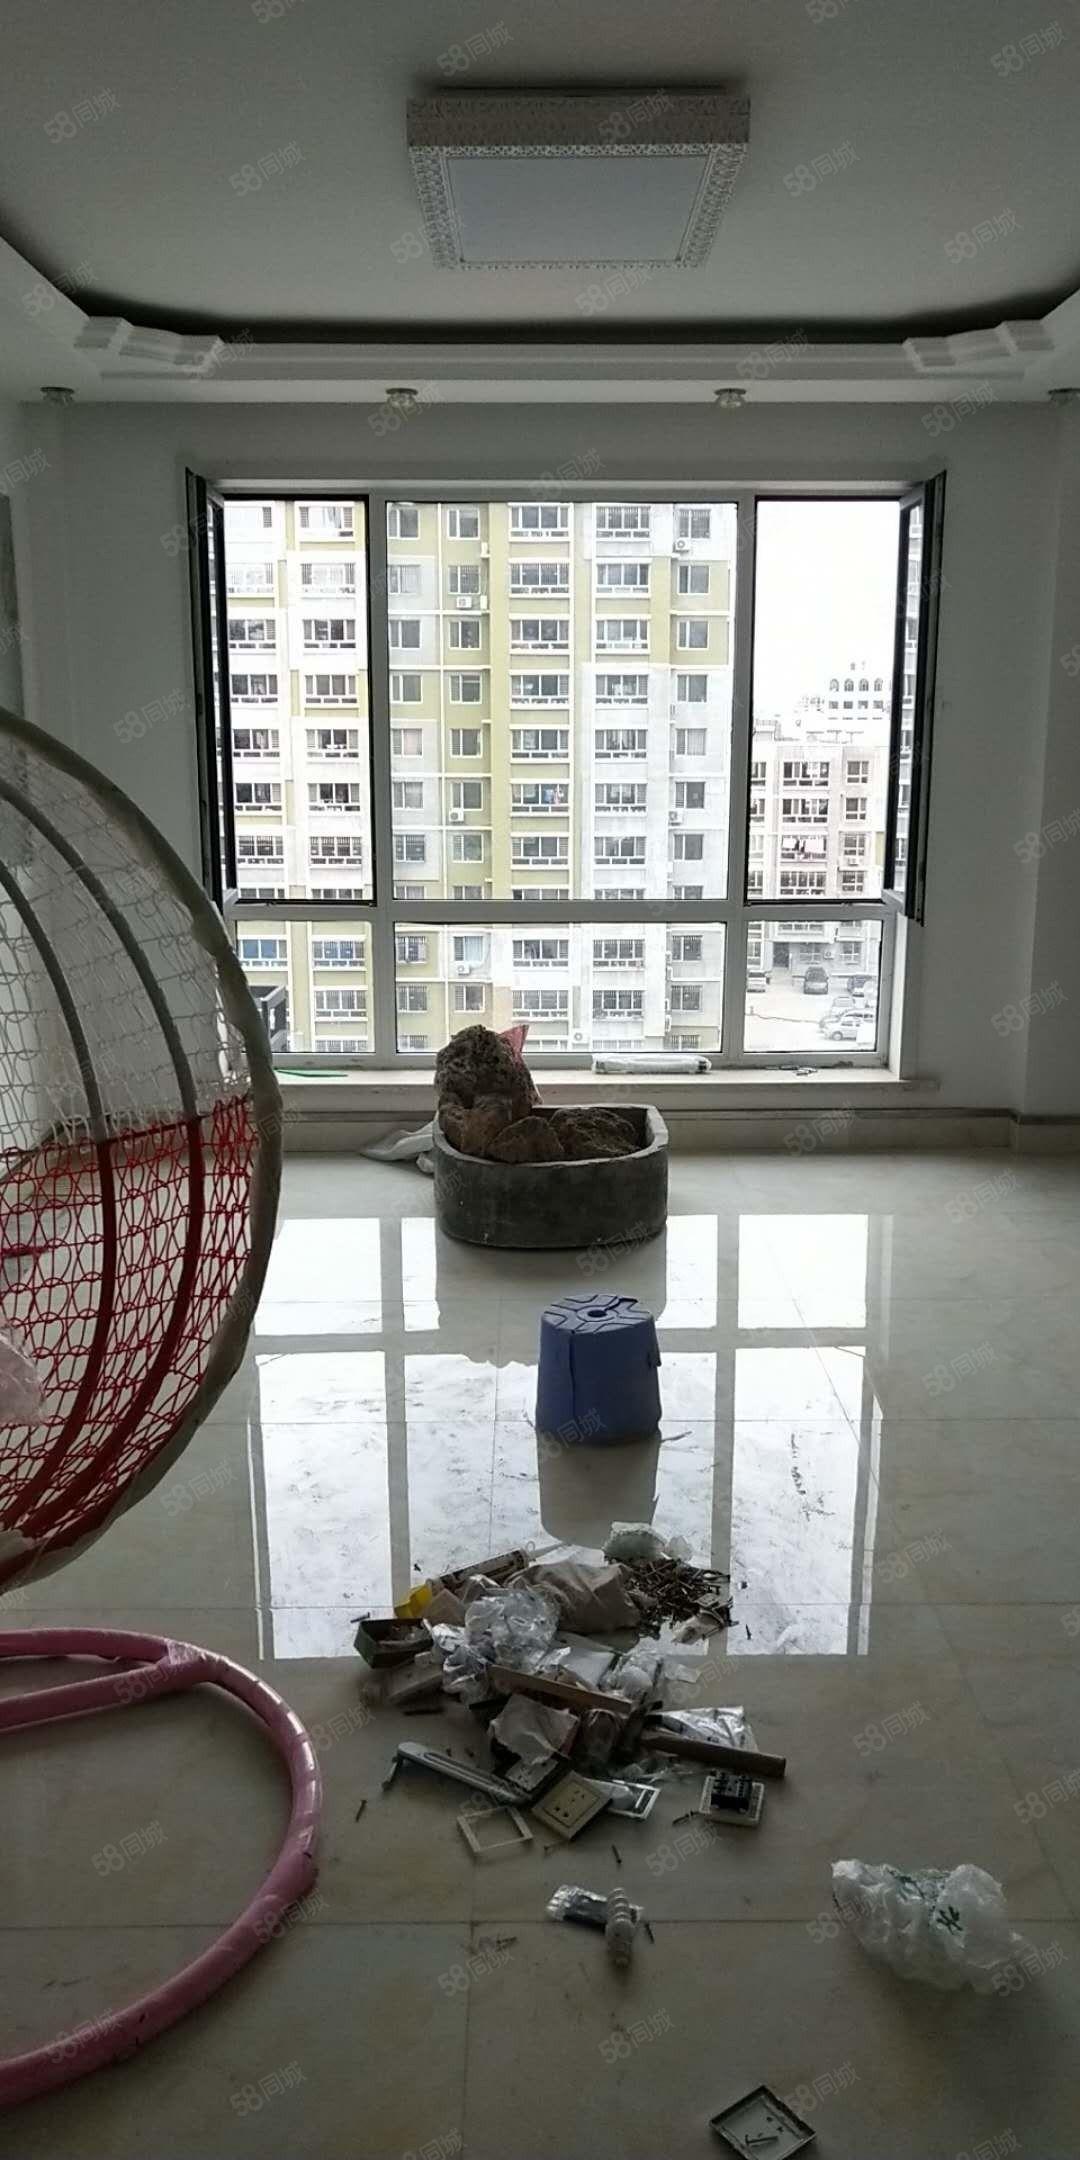 燕南豪庭五楼,精装未住,一天都没住过,小区环境特别好